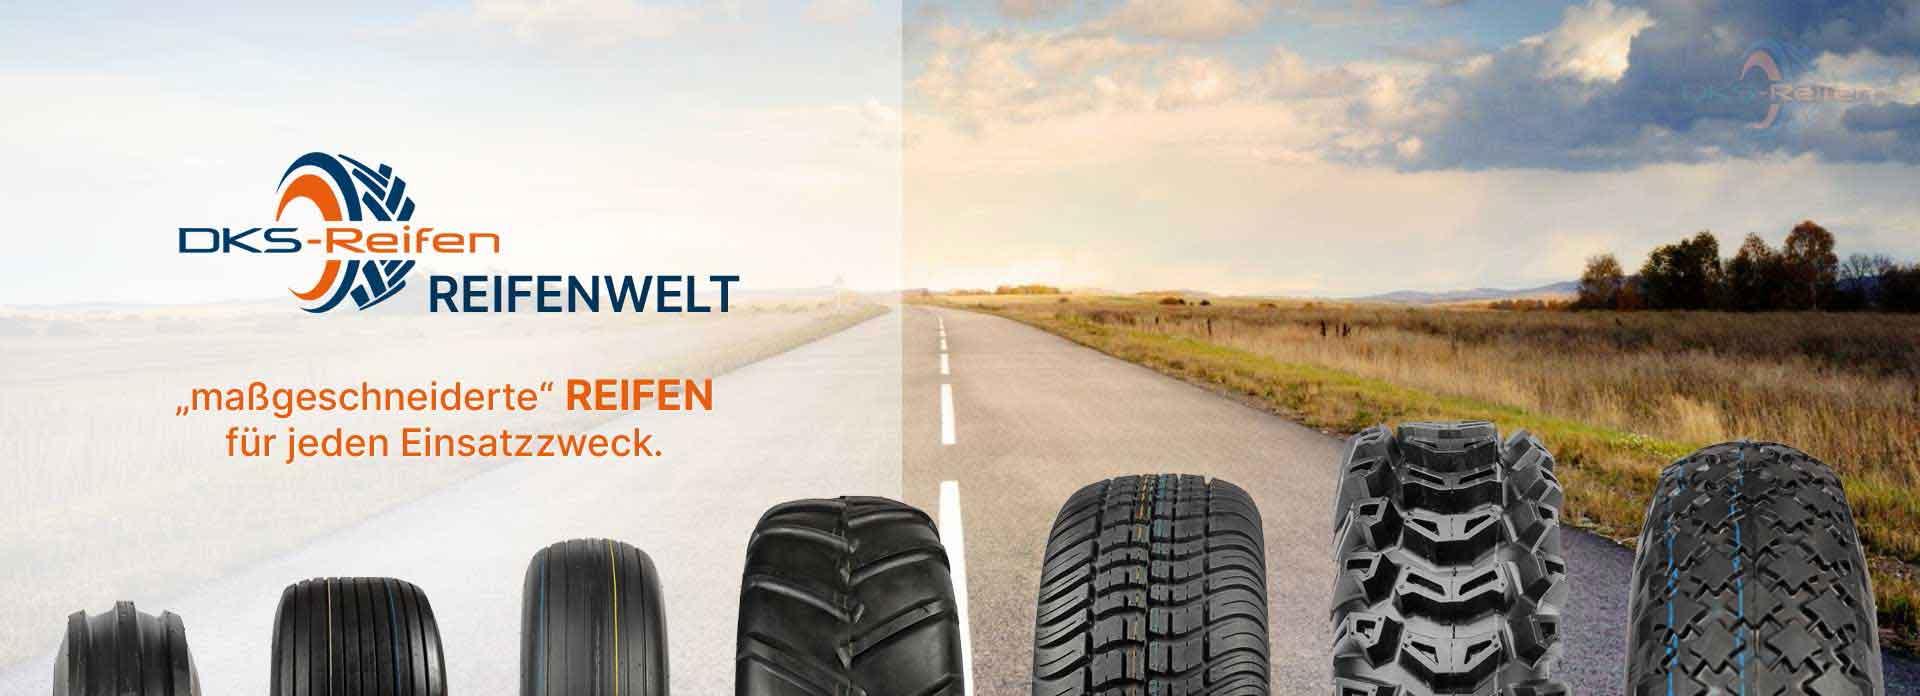 DKS Reifen Online Fachhandel: große Auswahl an Kleinreifen auf der Straße